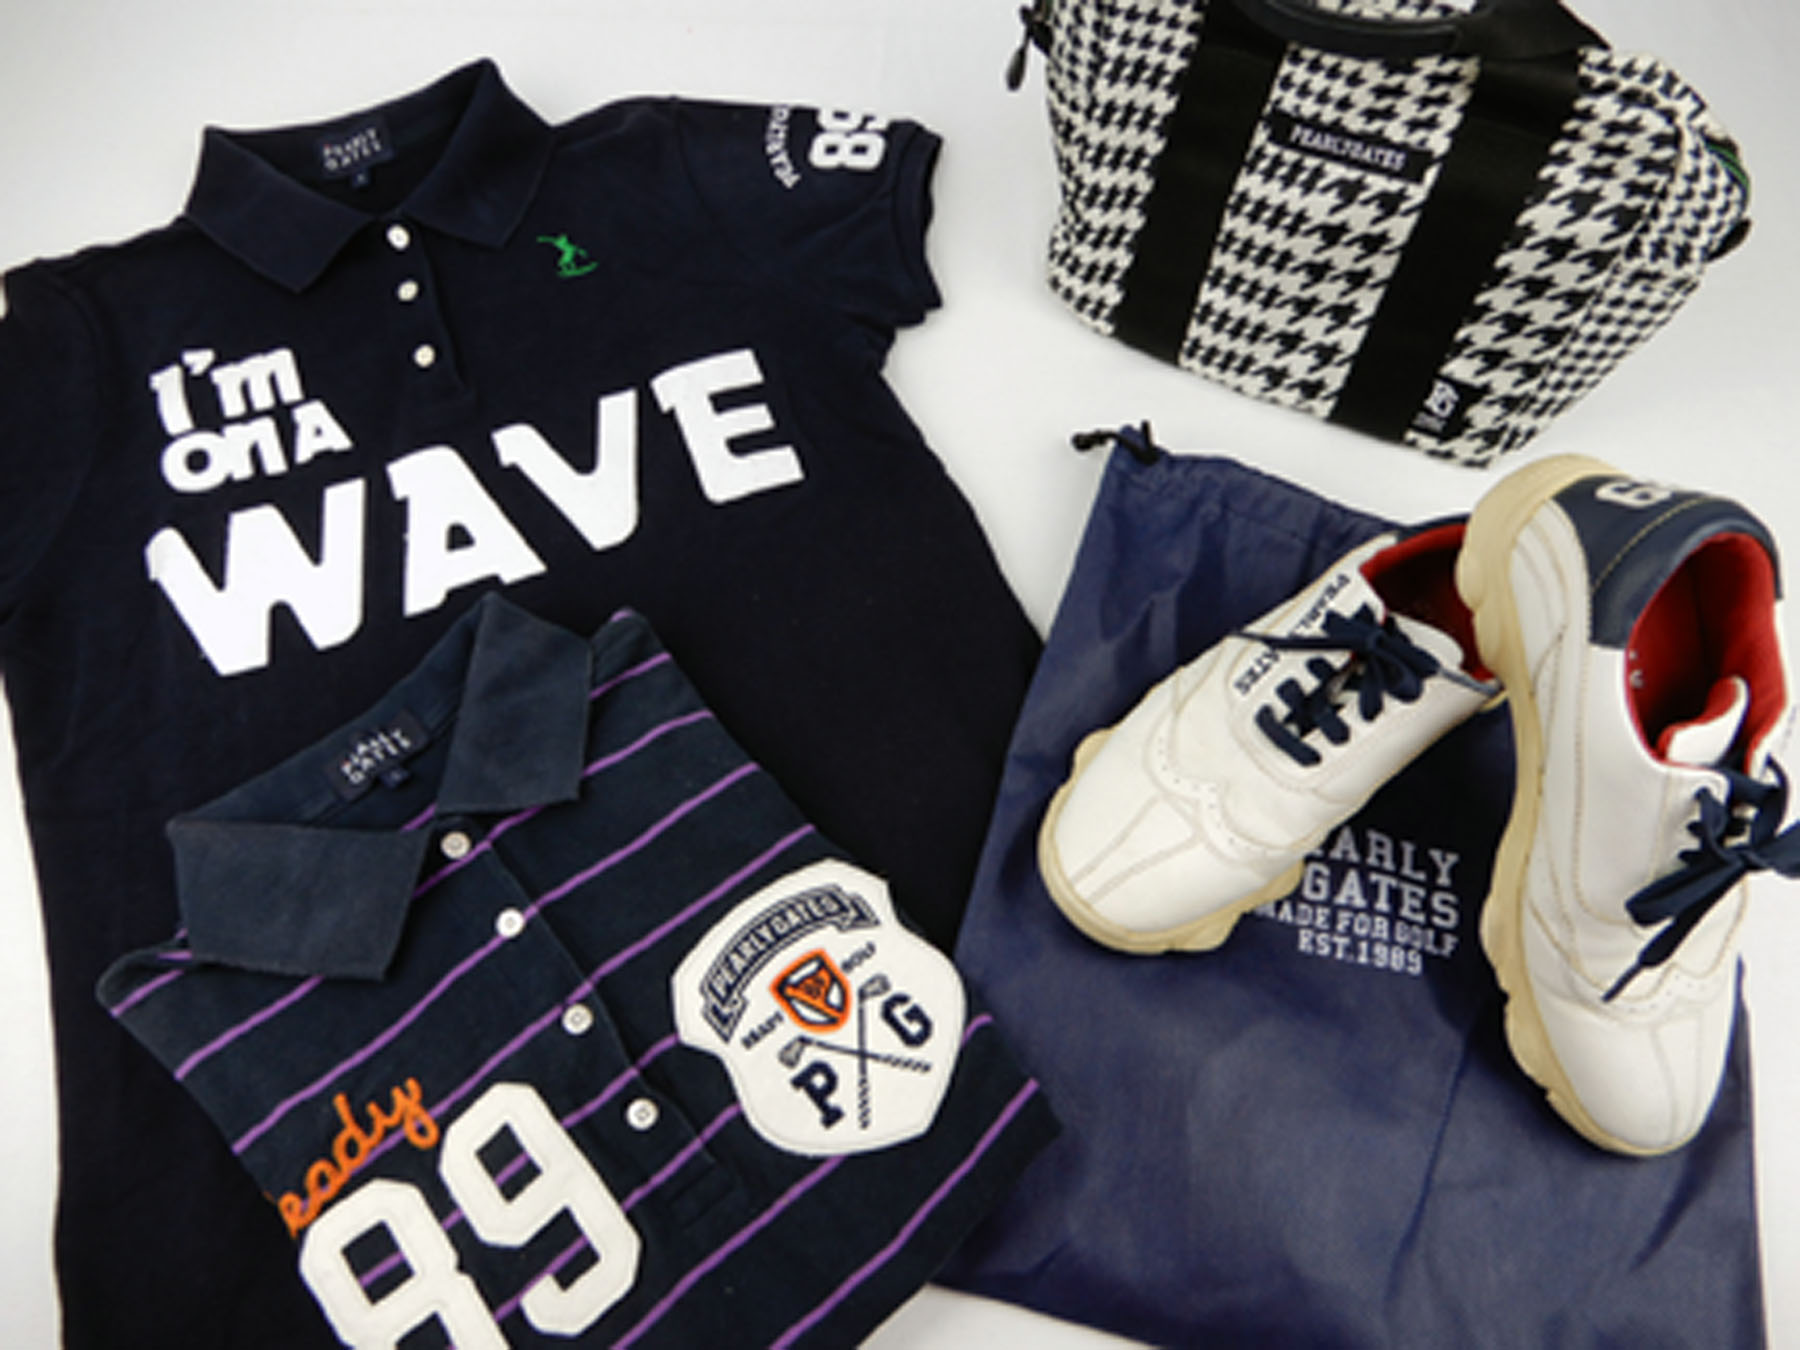 パーリーゲイツのゴルフシューズとポロシャツとカートバッグ、ナイキのワンピース型のゴルフウェア、キャロウェイのポロシャツ、アディダスのポロシャツです。